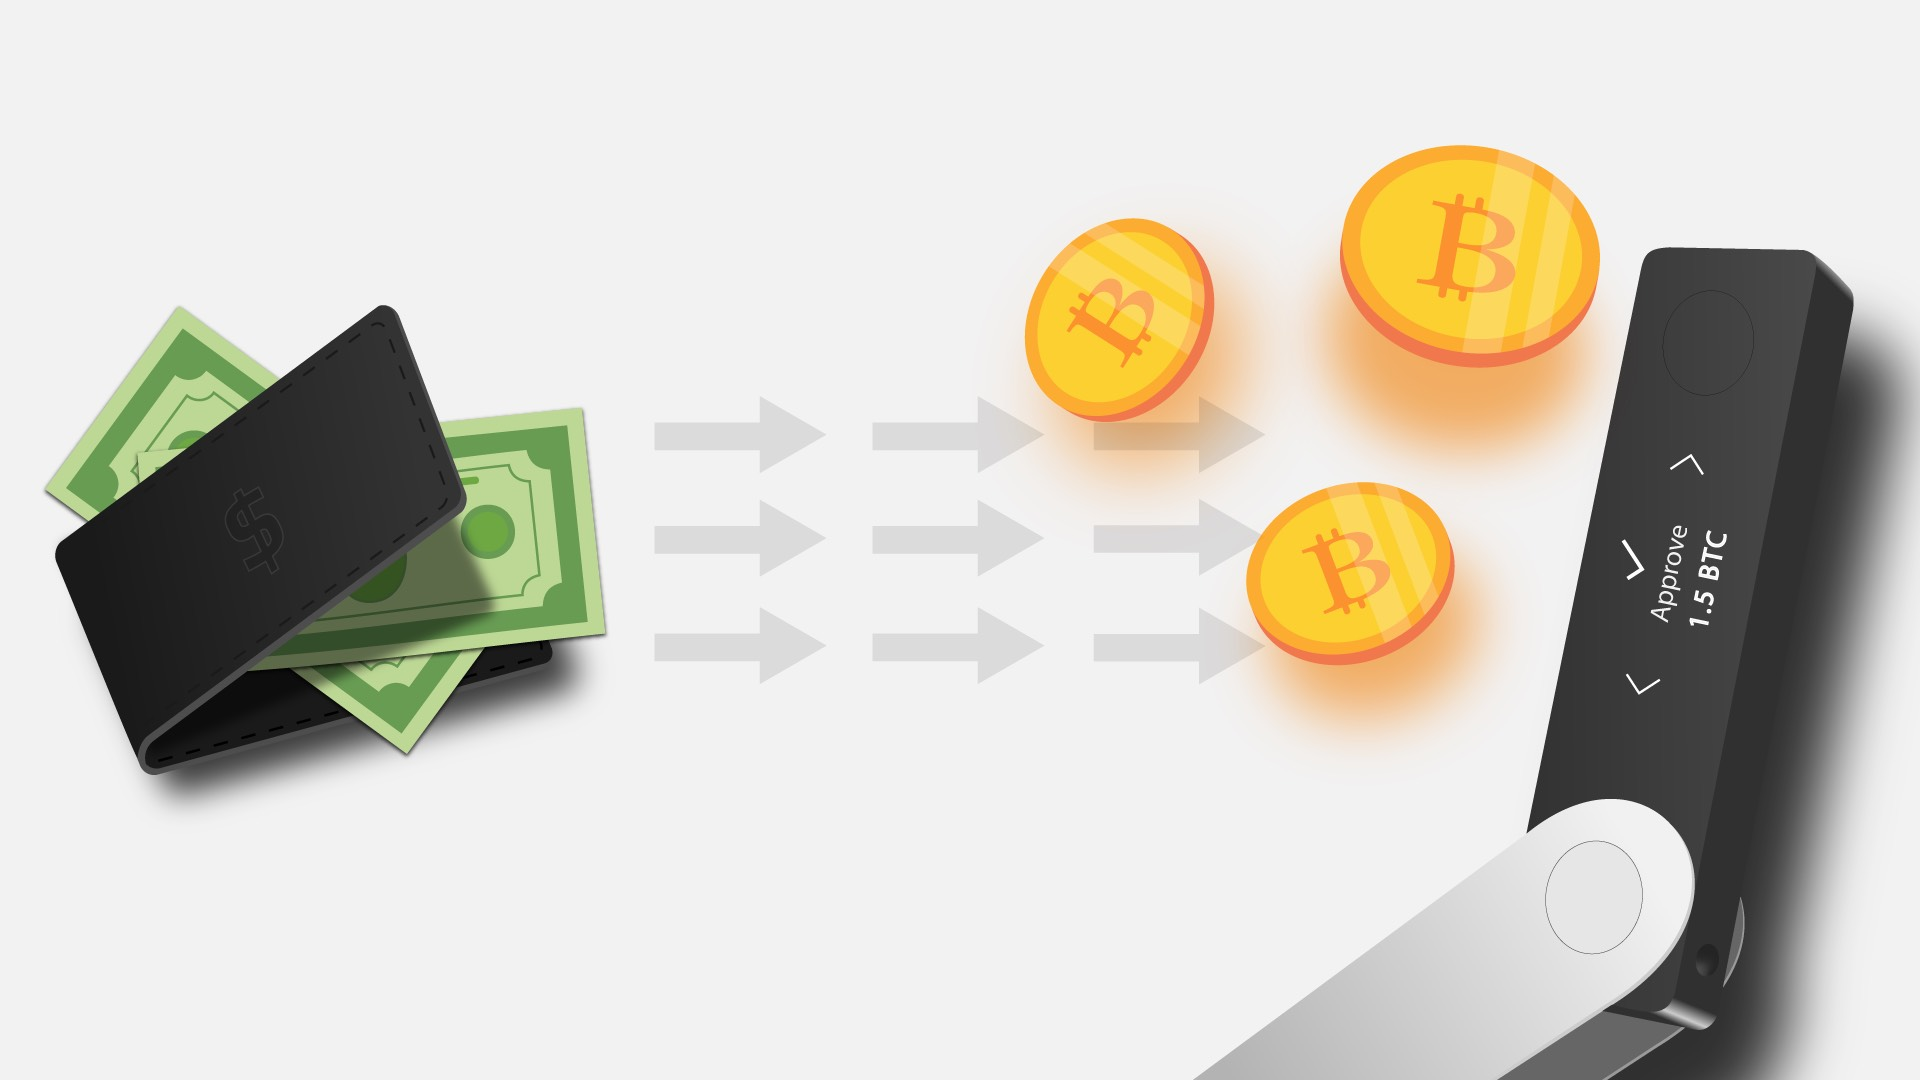 как создать биткоин bitcoin адрес?